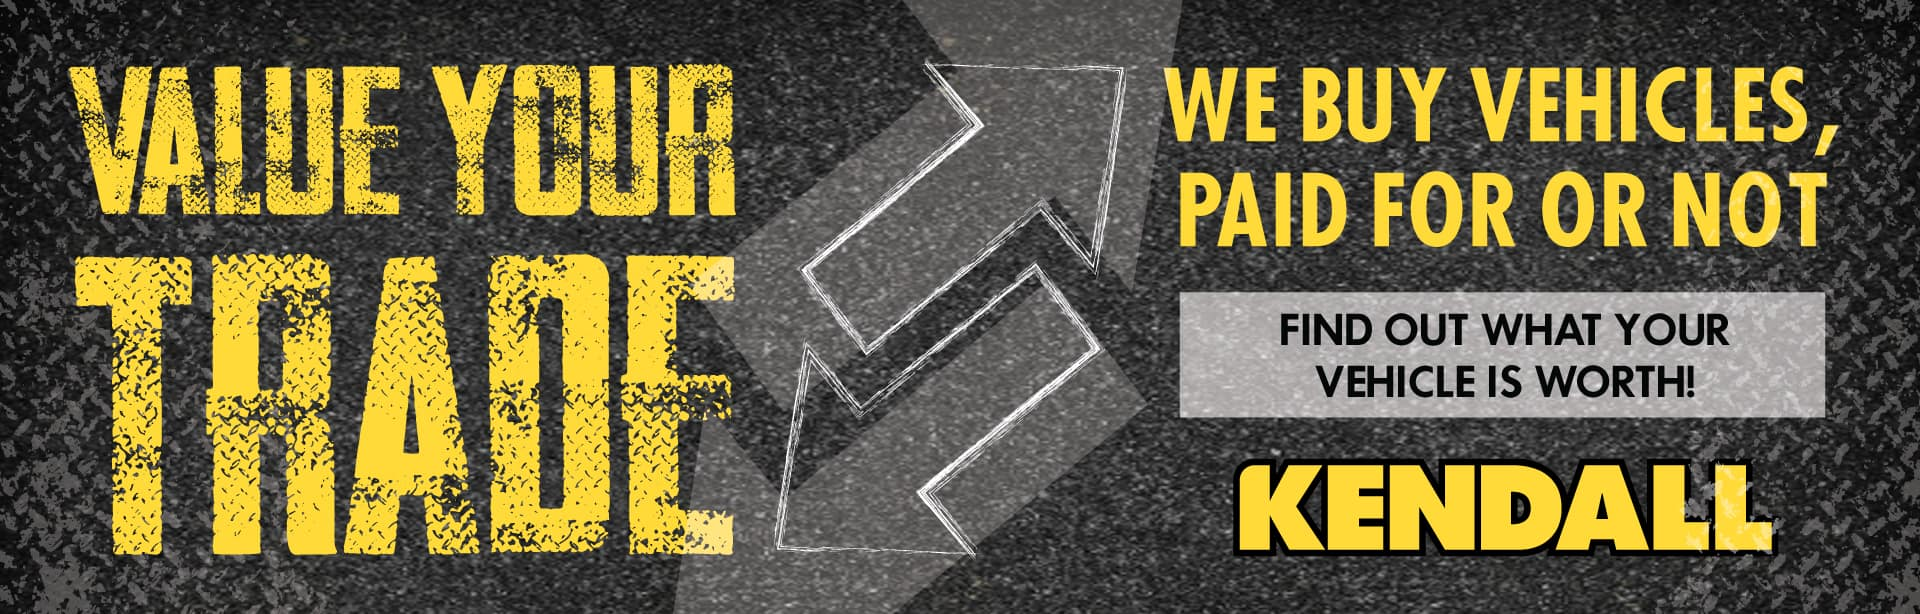 13856-kenaut-Filler-Web-Banners-Trade-1920×614